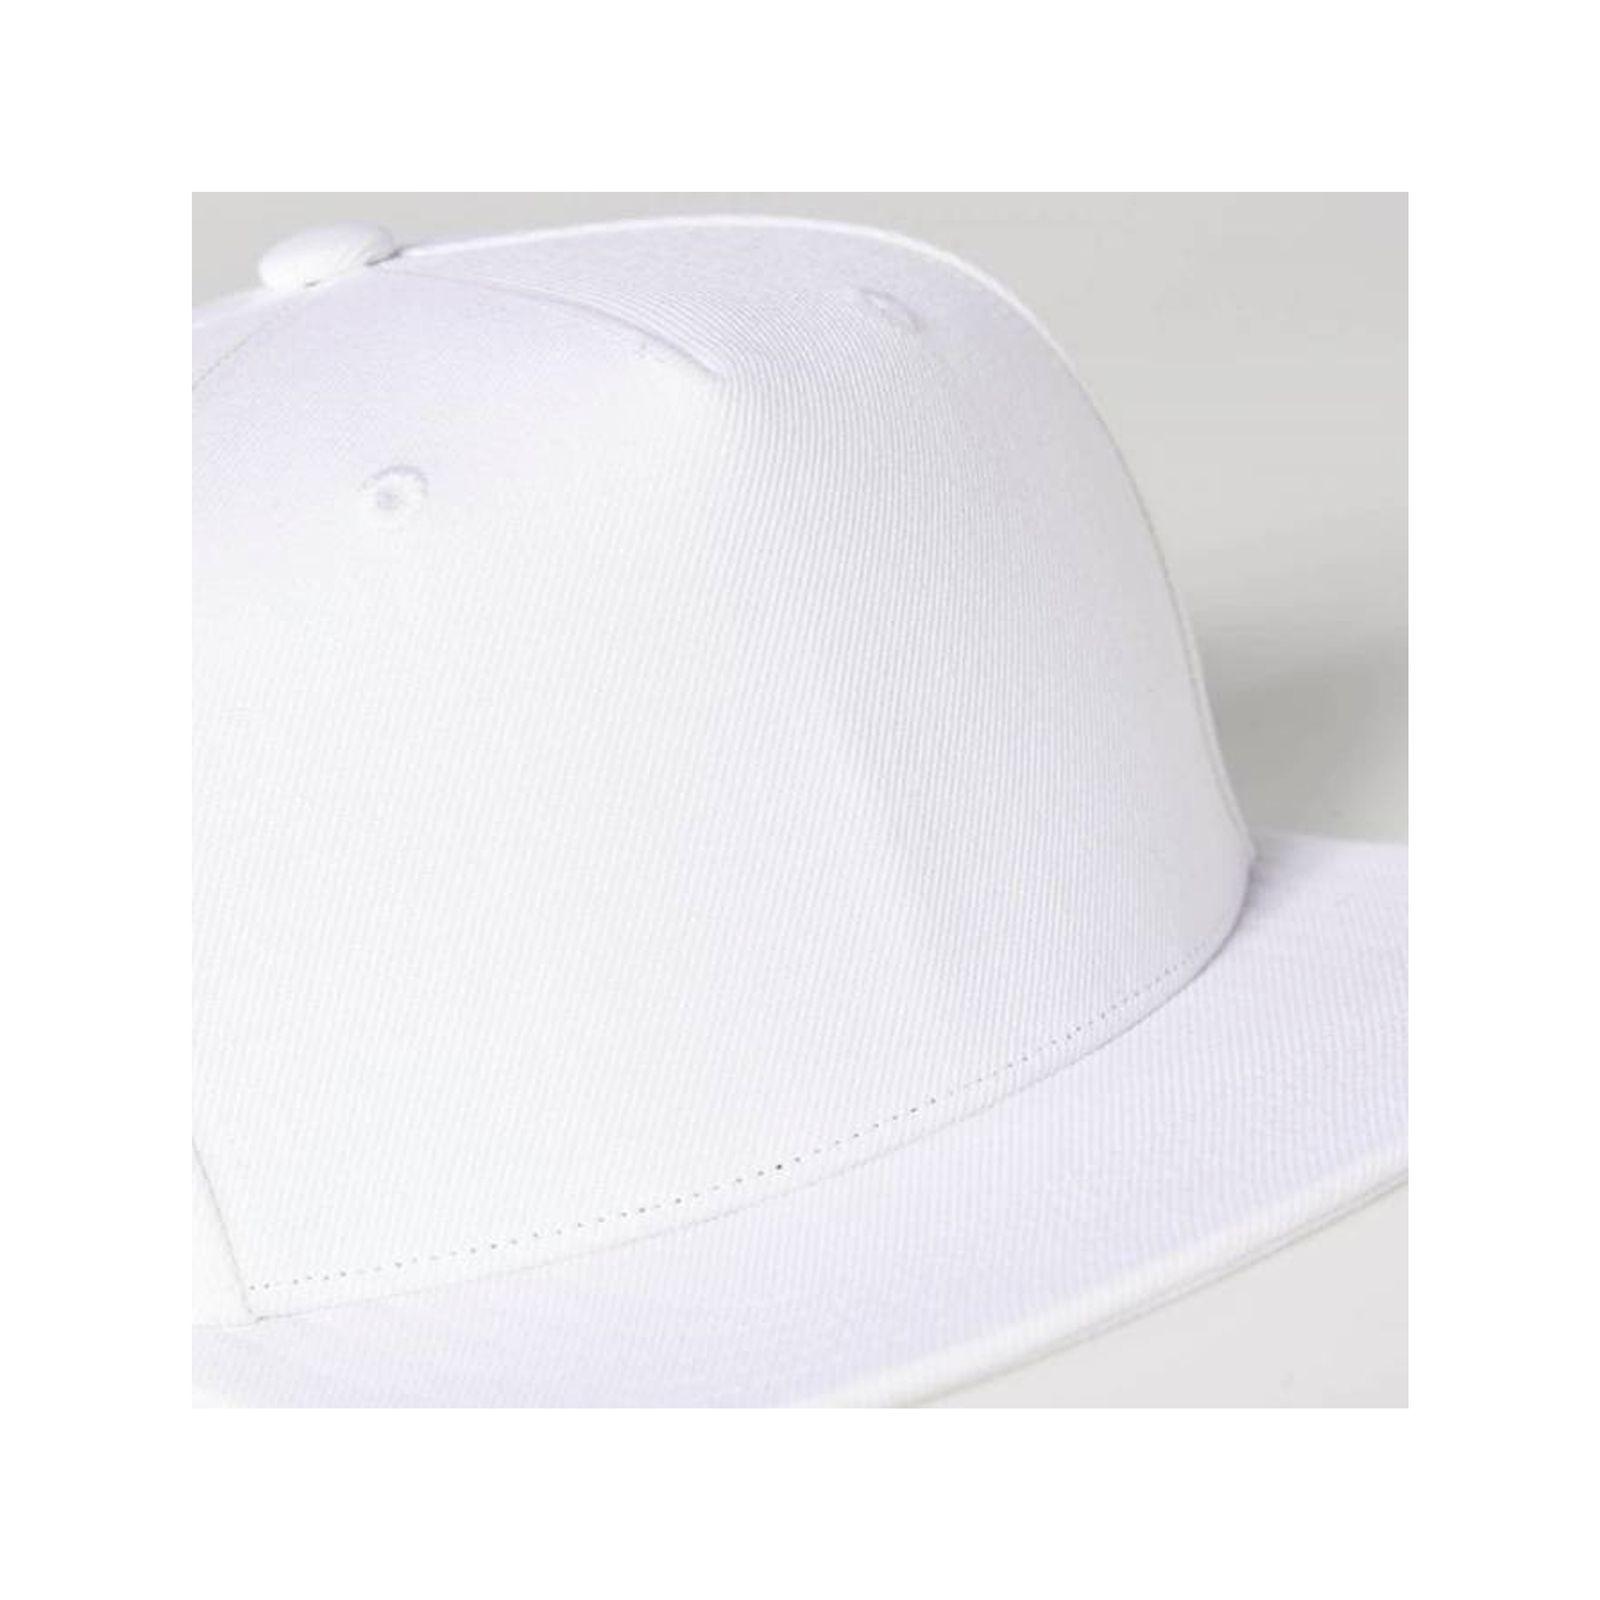 کلاه ورزشی مردانه آدیداس مدل BK3056 -  - 1